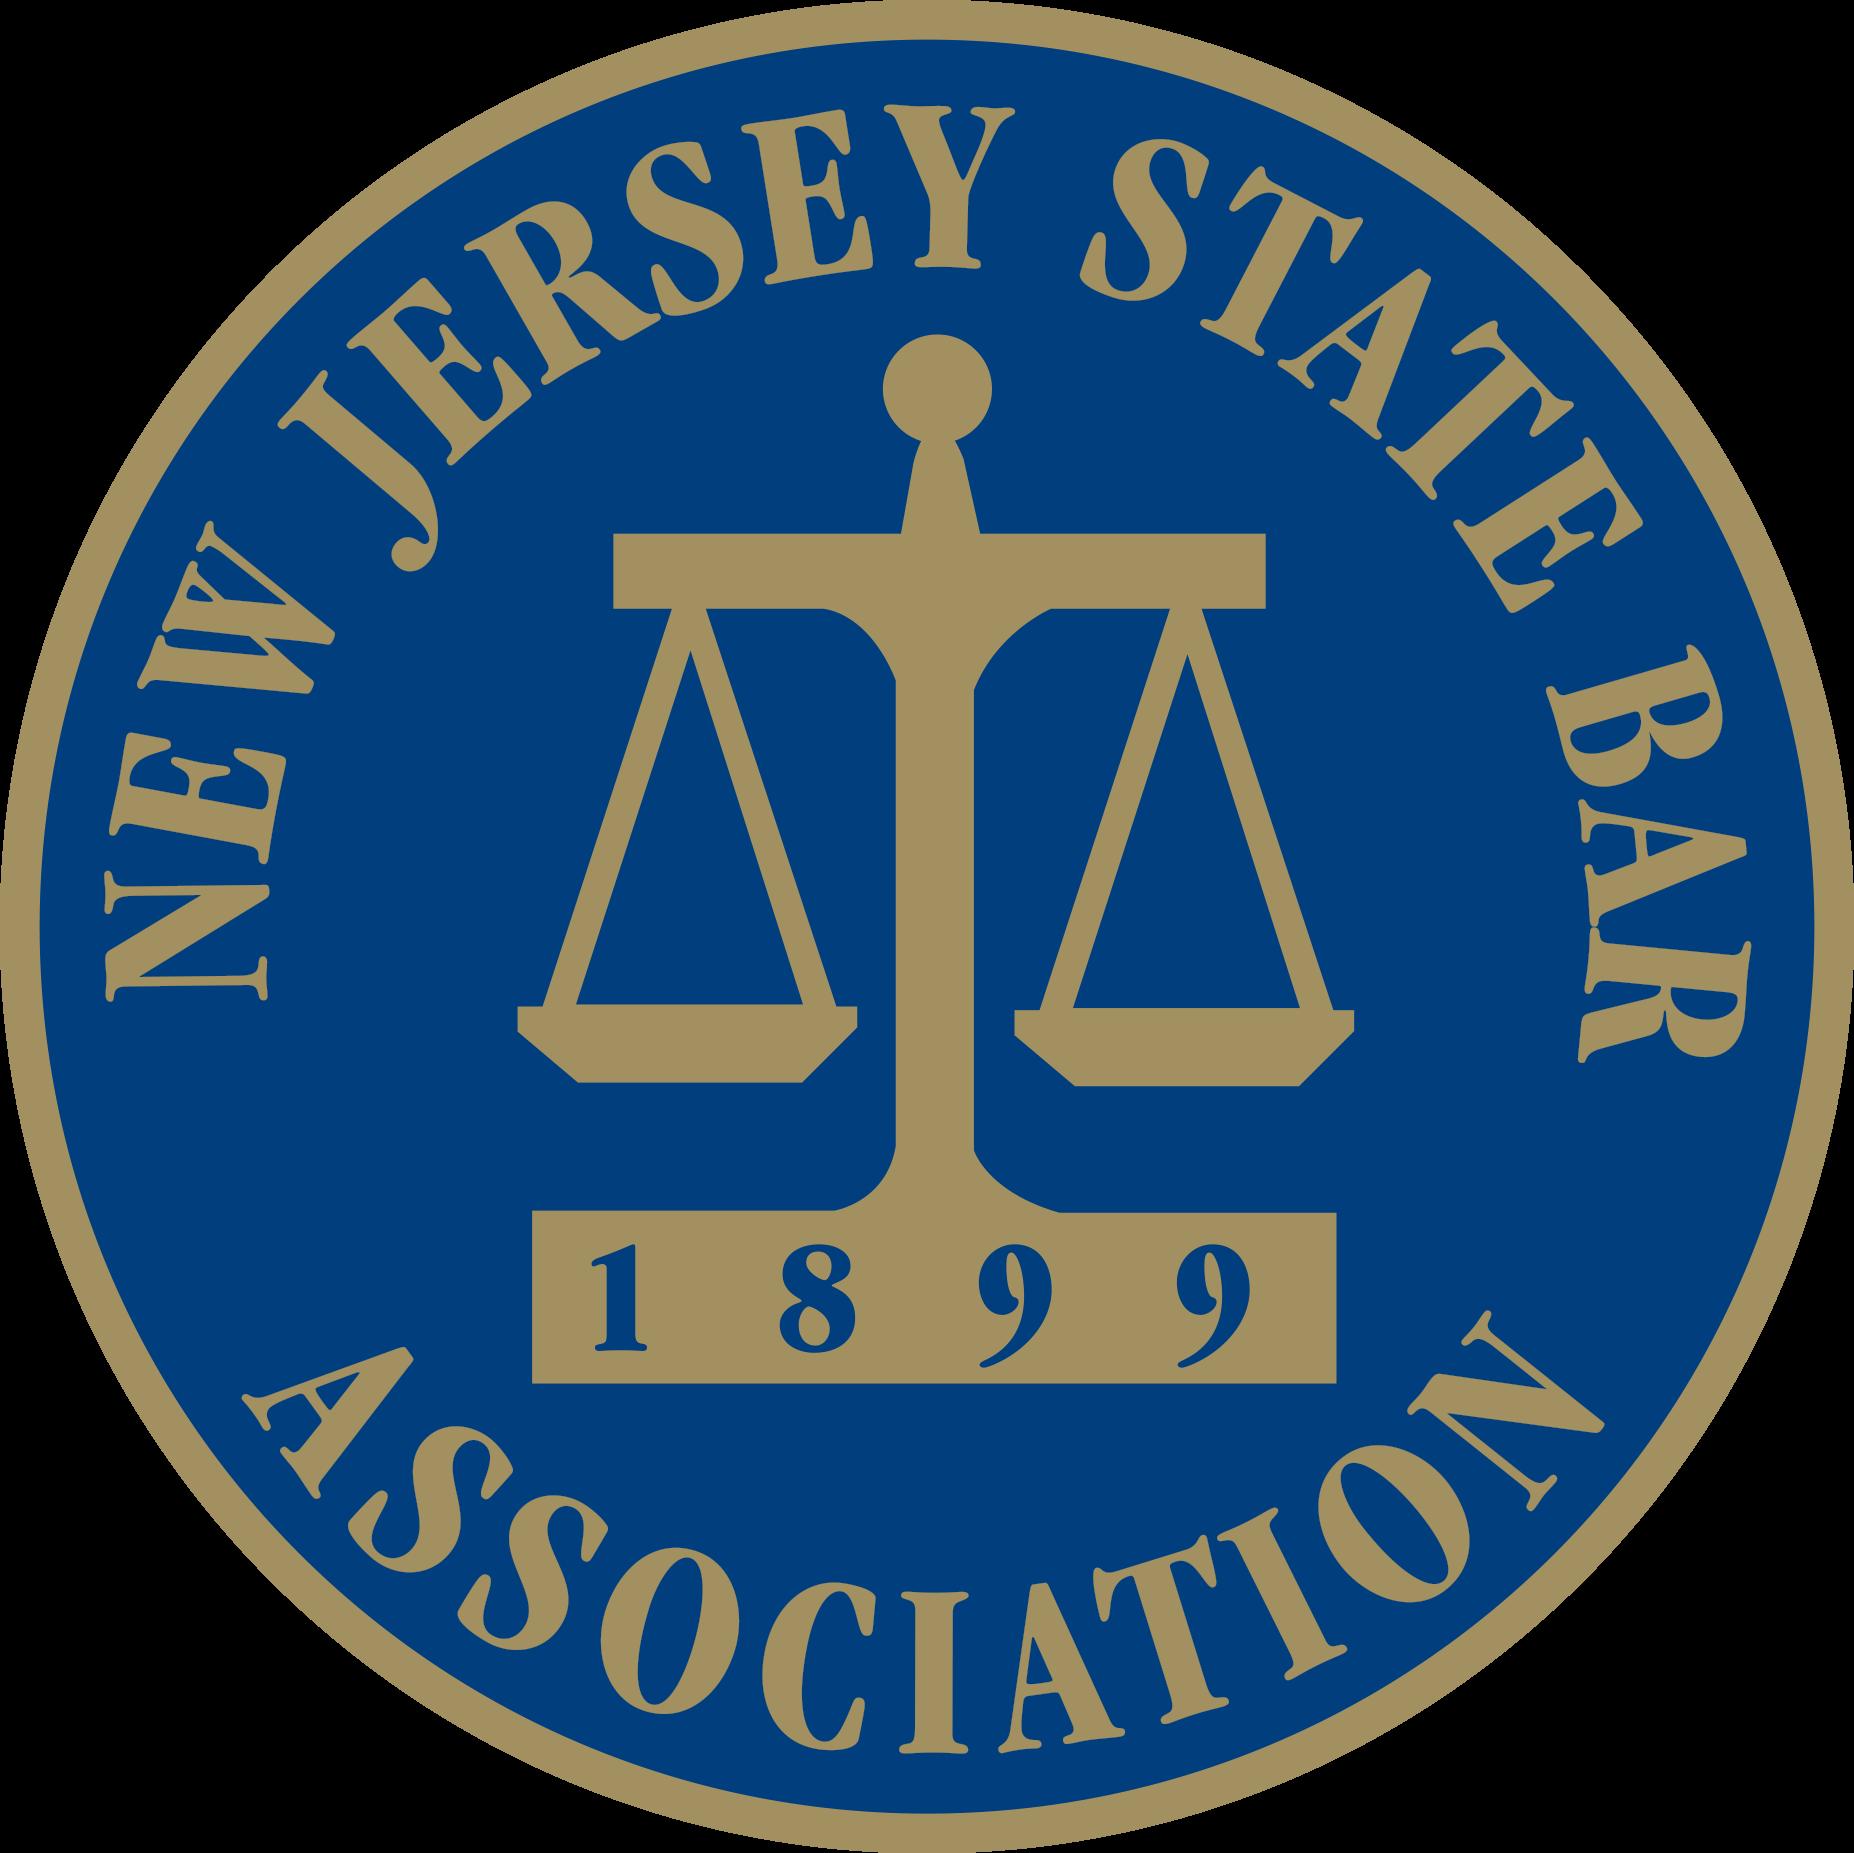 New Jersey State Bar Association